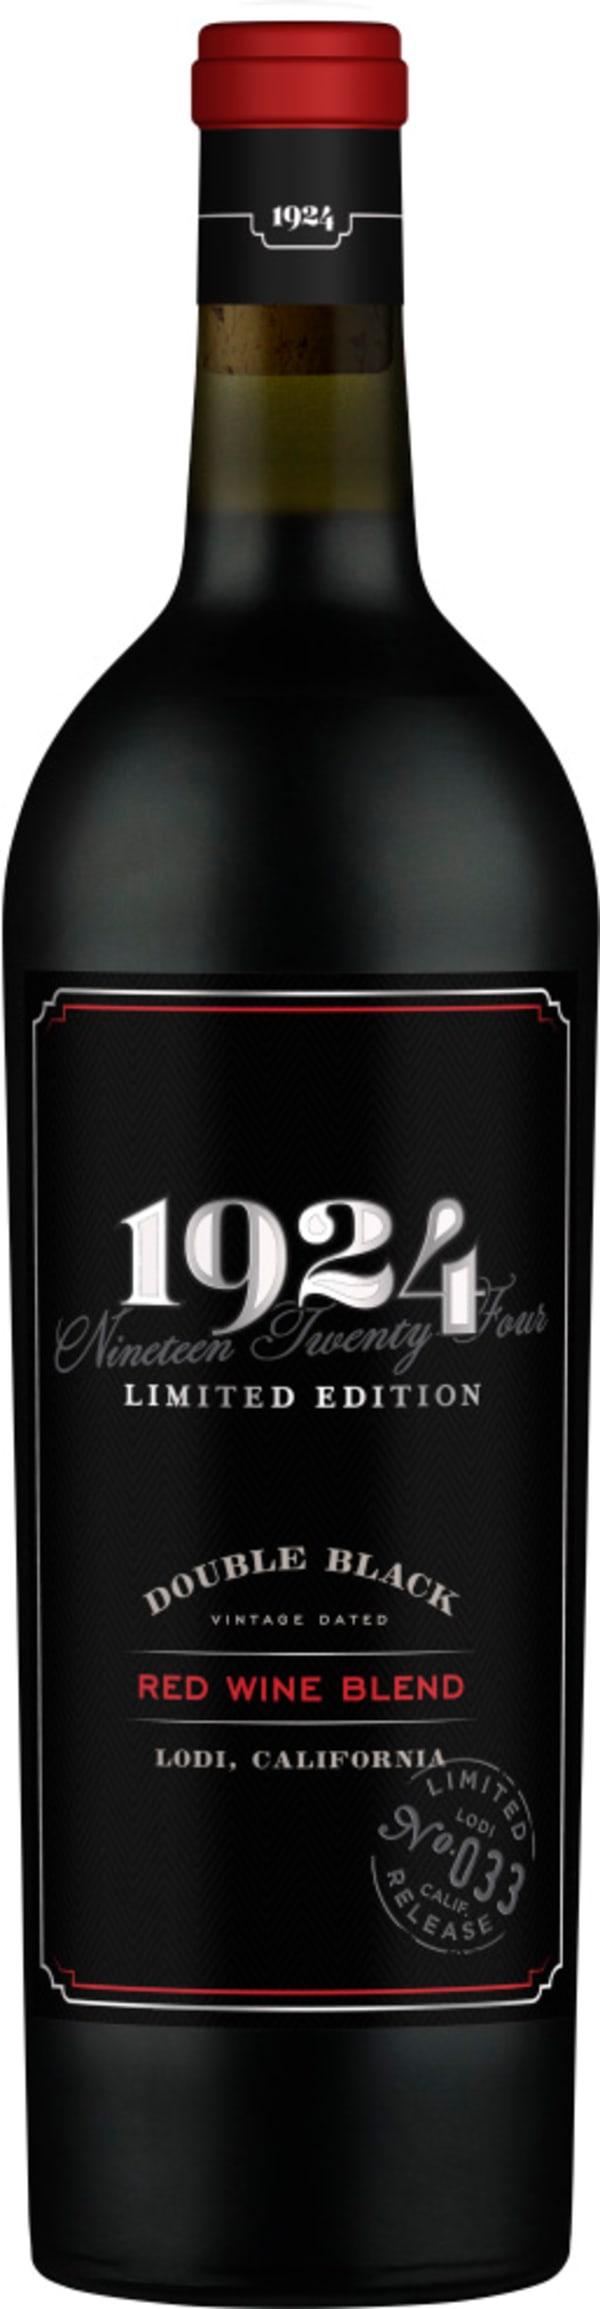 1924 Double Black 2018